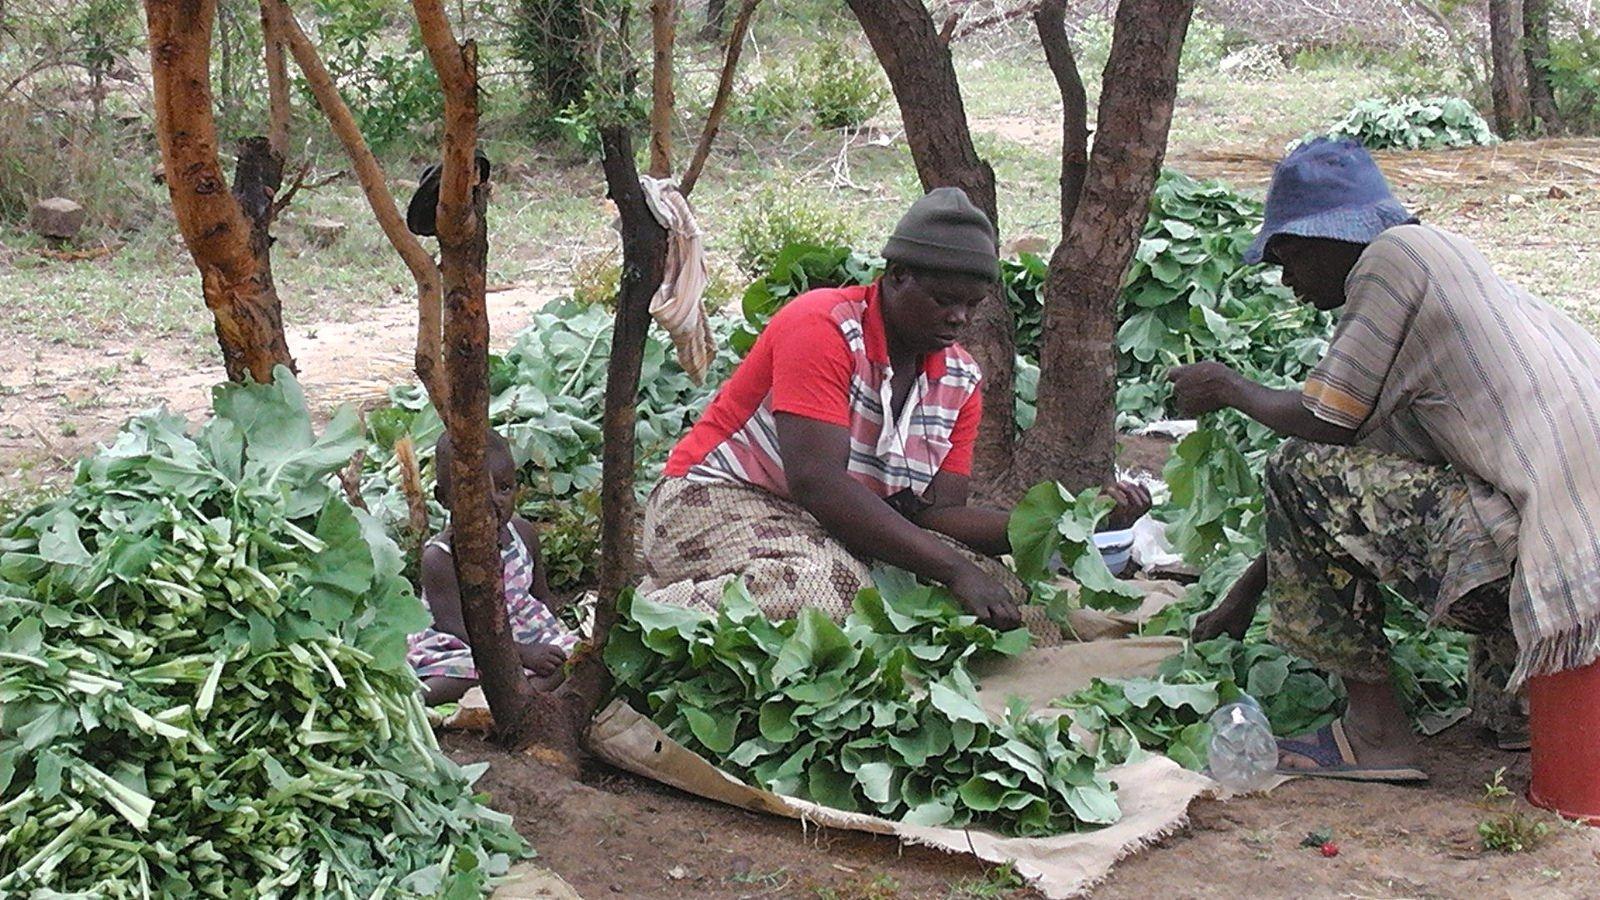 Grading vegetables for market, Zimbabwe, 2012. Photo: Pascal Manyakaidze (CC BY 2.0)